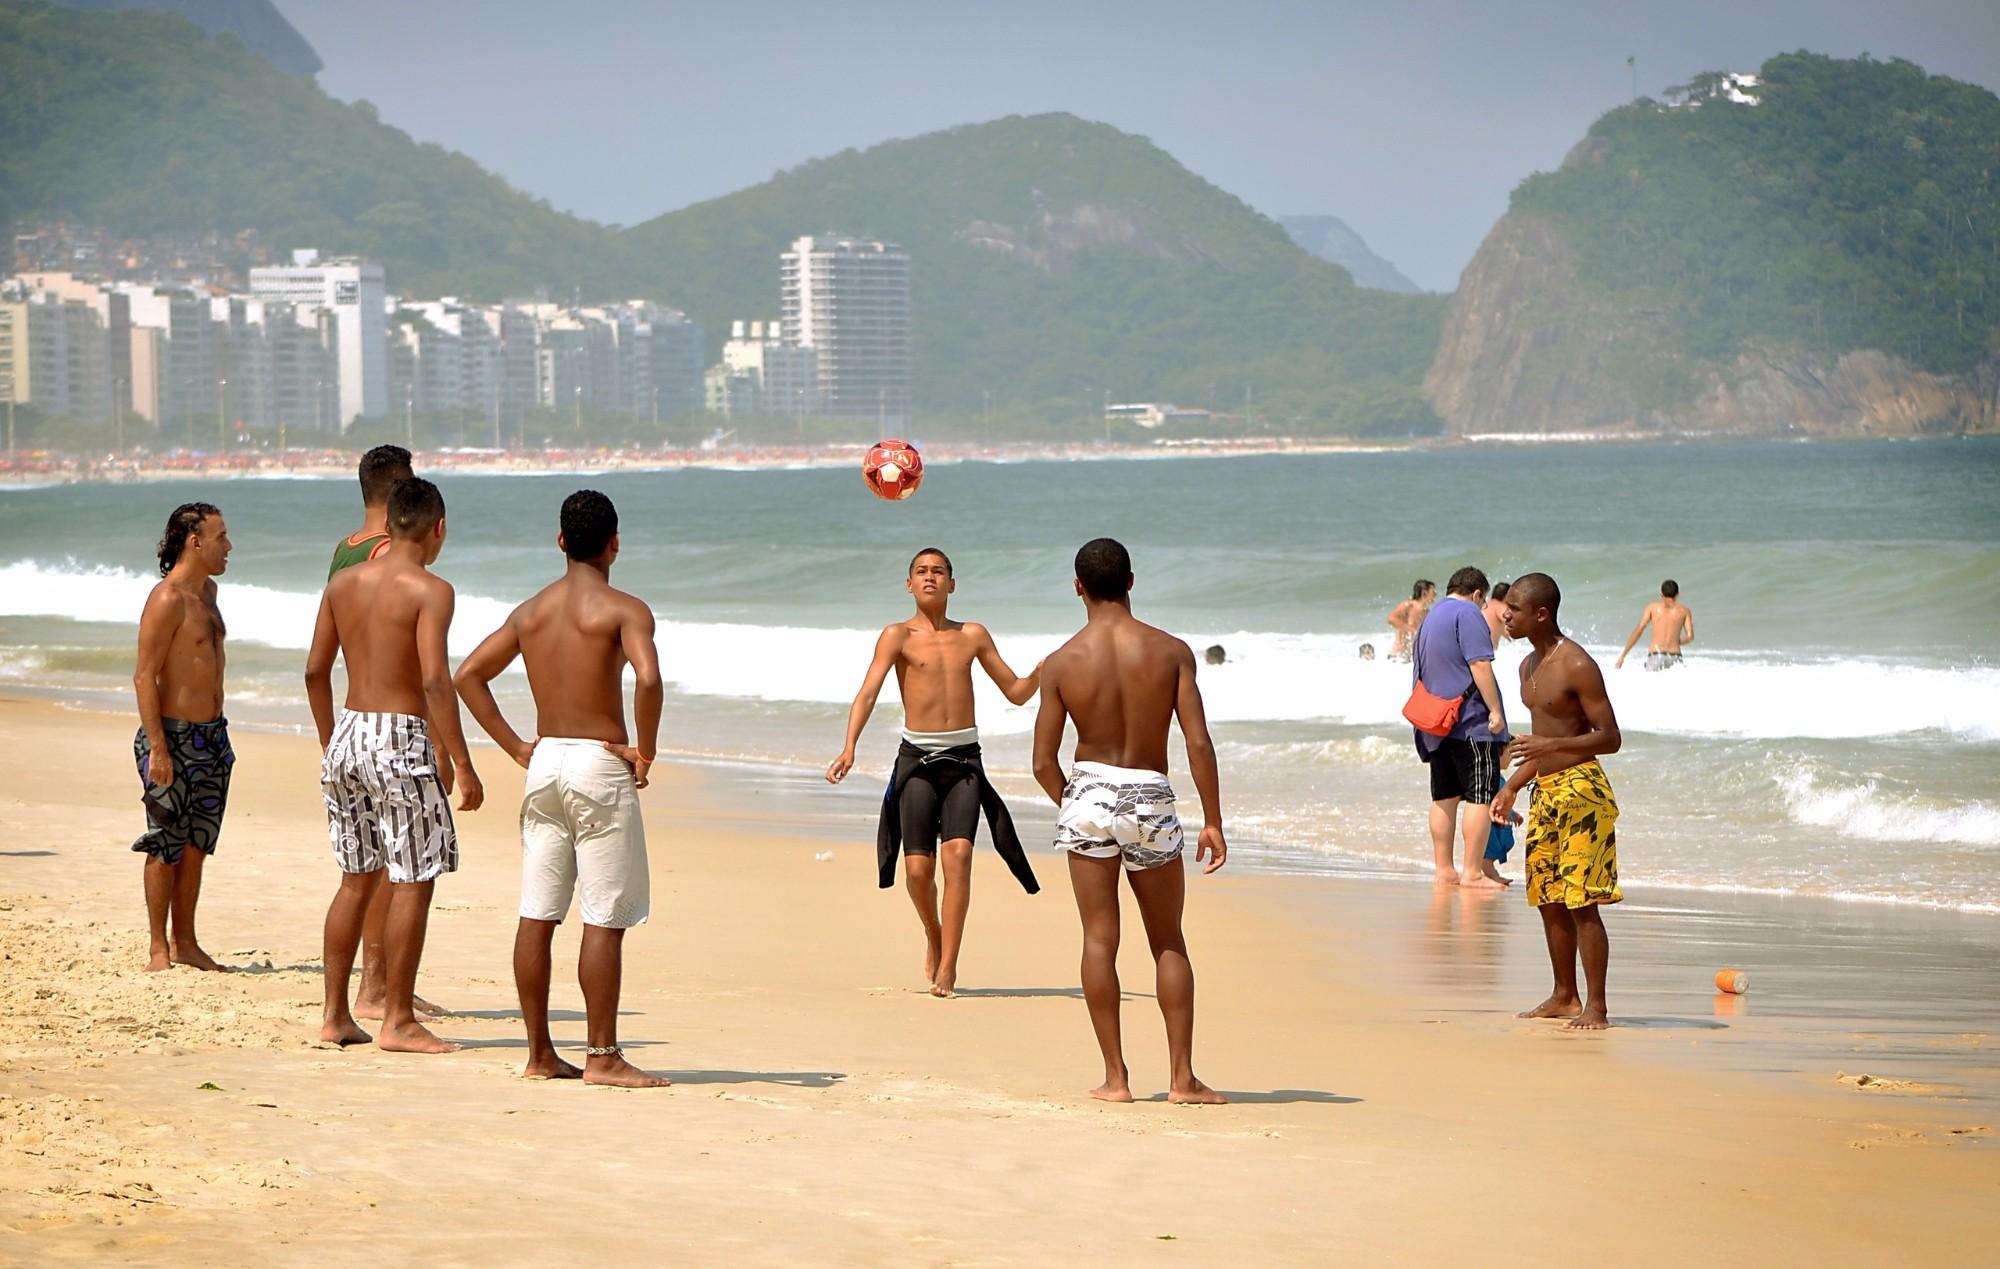 Волейбол на пляже Копакабана в Рио-де-Жанейро.